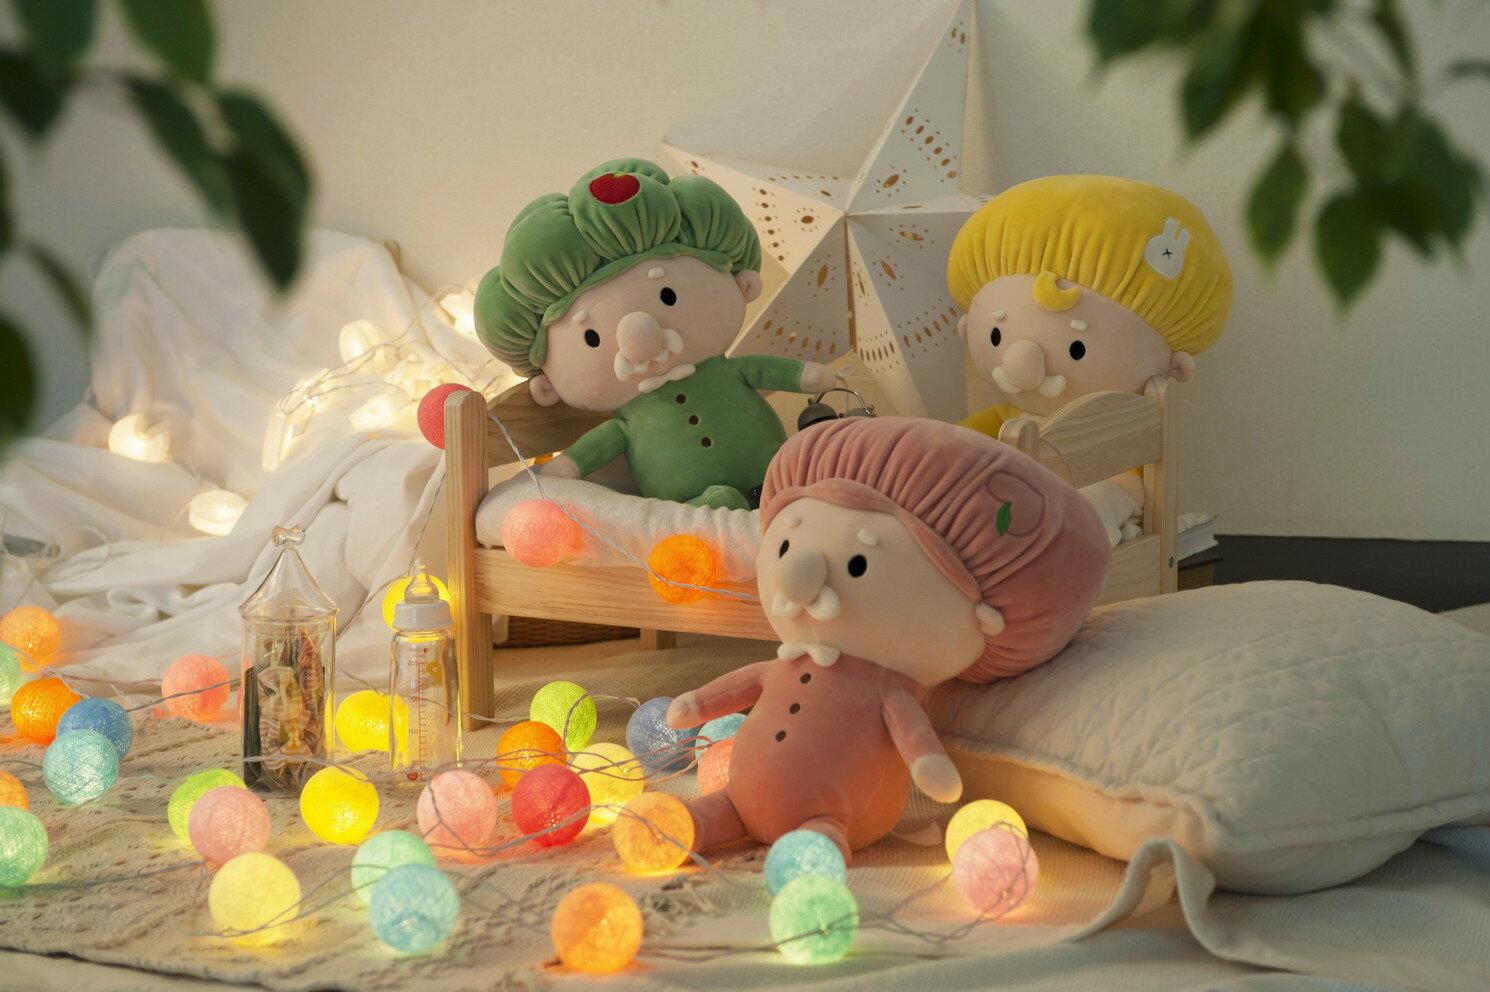 【小泉ライフテックス】 夢のおじさんたち おじぐるみ 森のおじさん ぬいぐるみ 人形